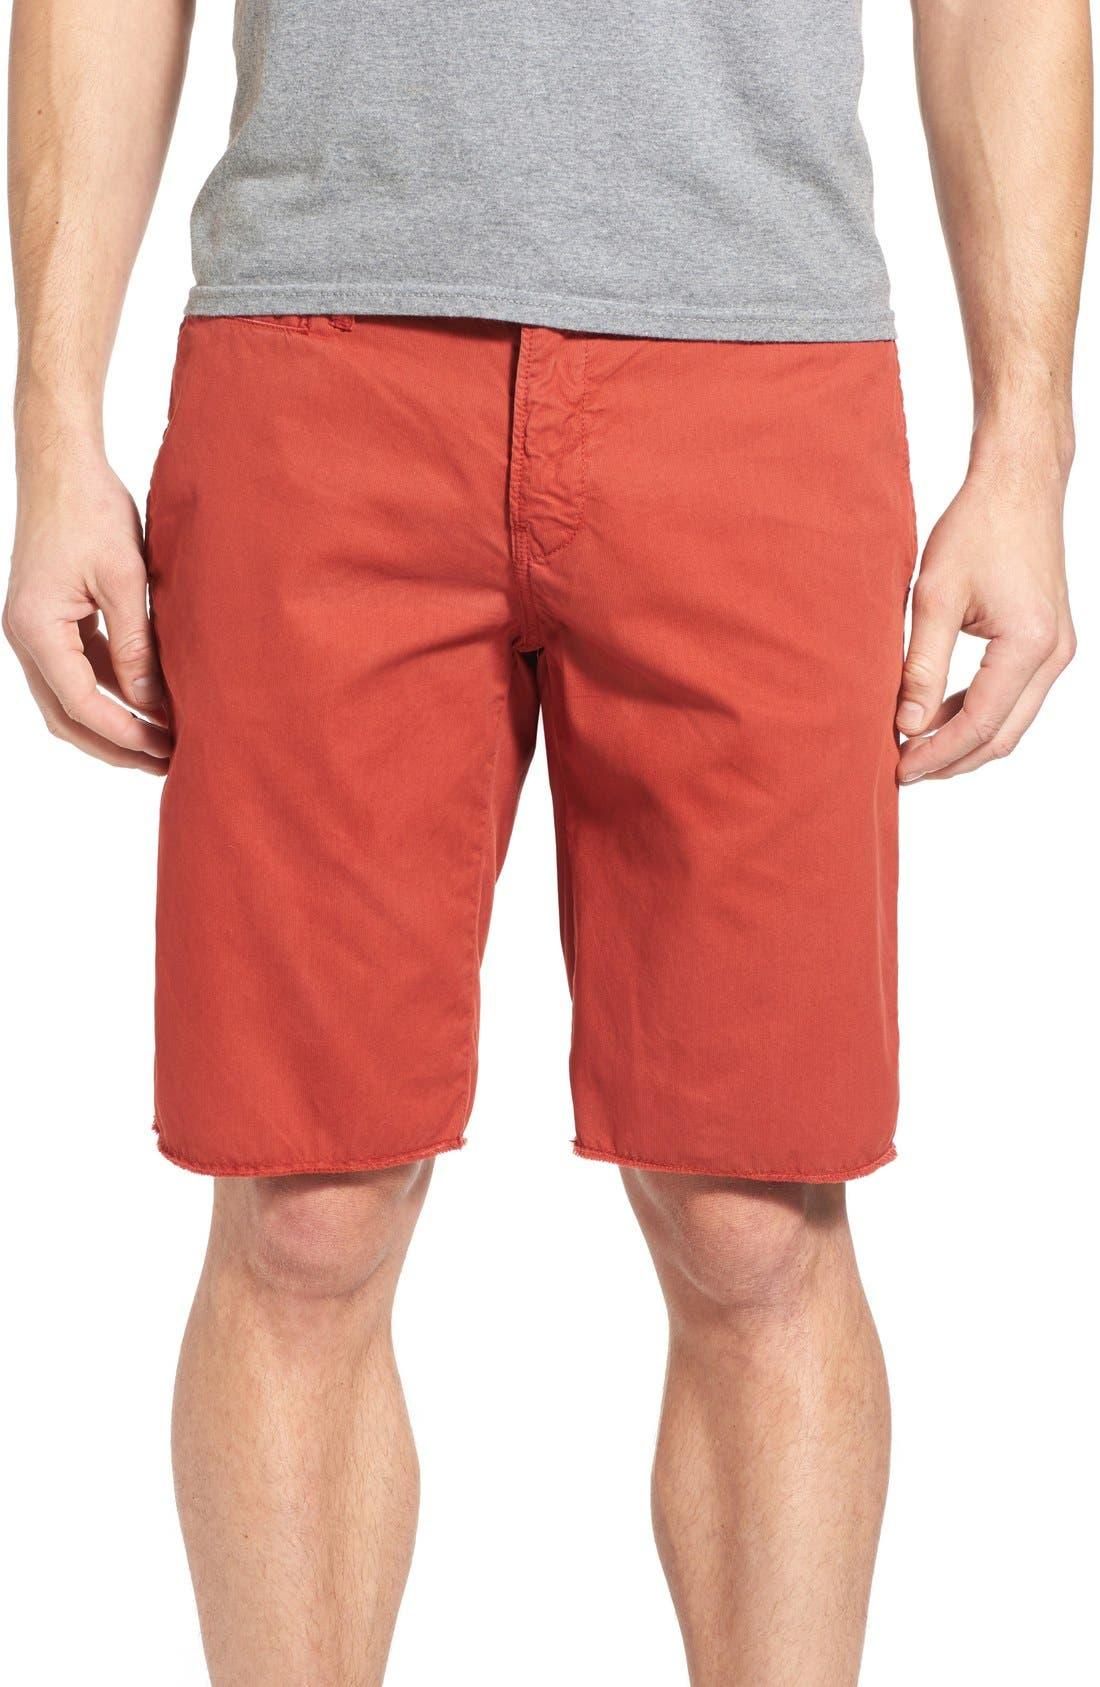 'St. Barts' Raw Edge Shorts,                             Main thumbnail 1, color,                             801